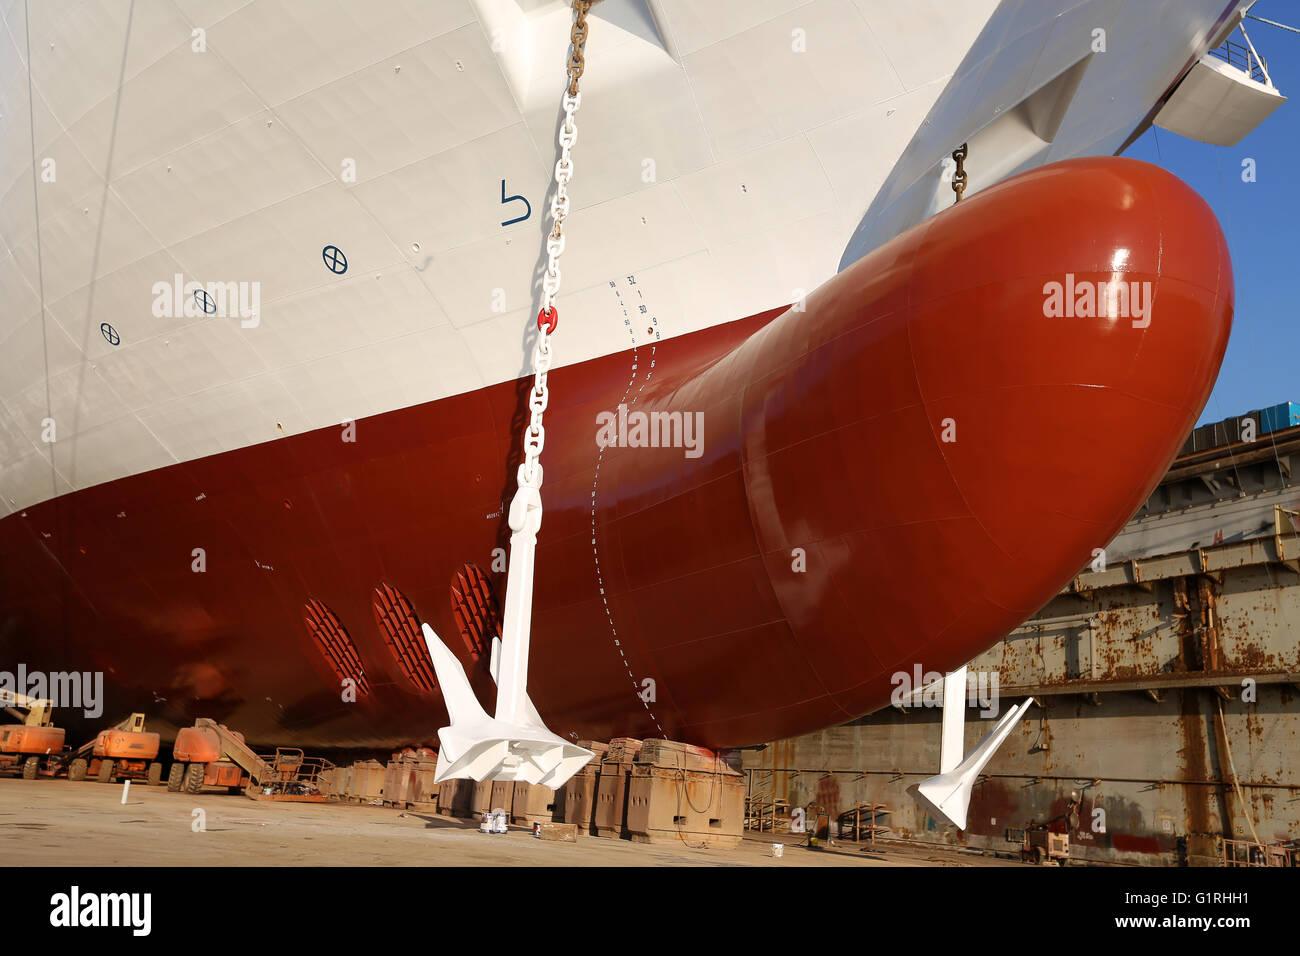 bulbous-bow-ship-mooredanchor-chain-on-a